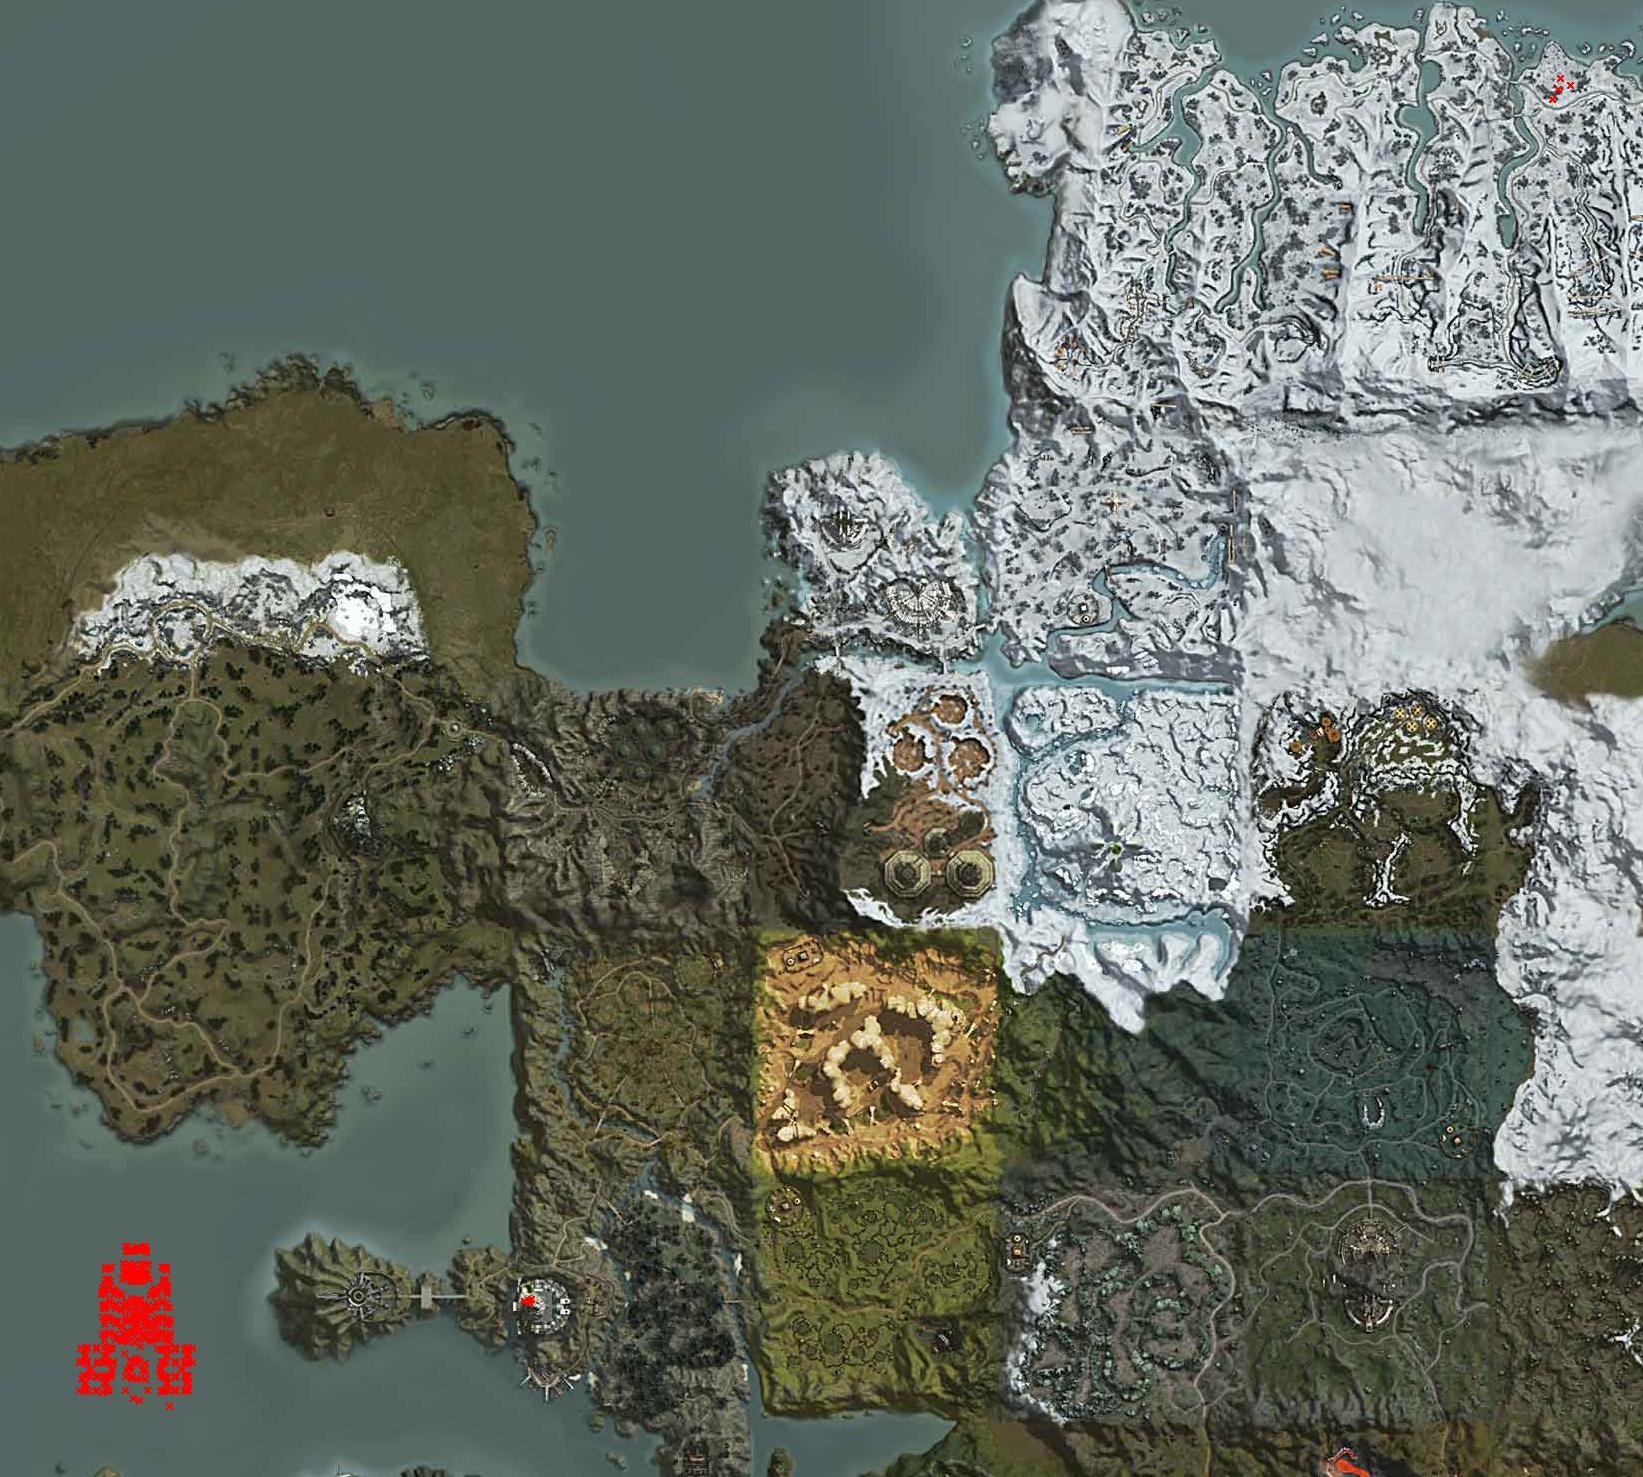 http://l2j.ru/gracia12/zone_map_enlarged_radar.php?xmin=-23879&ymin=-212552&xmax=172529&ymax=-35903&id=213